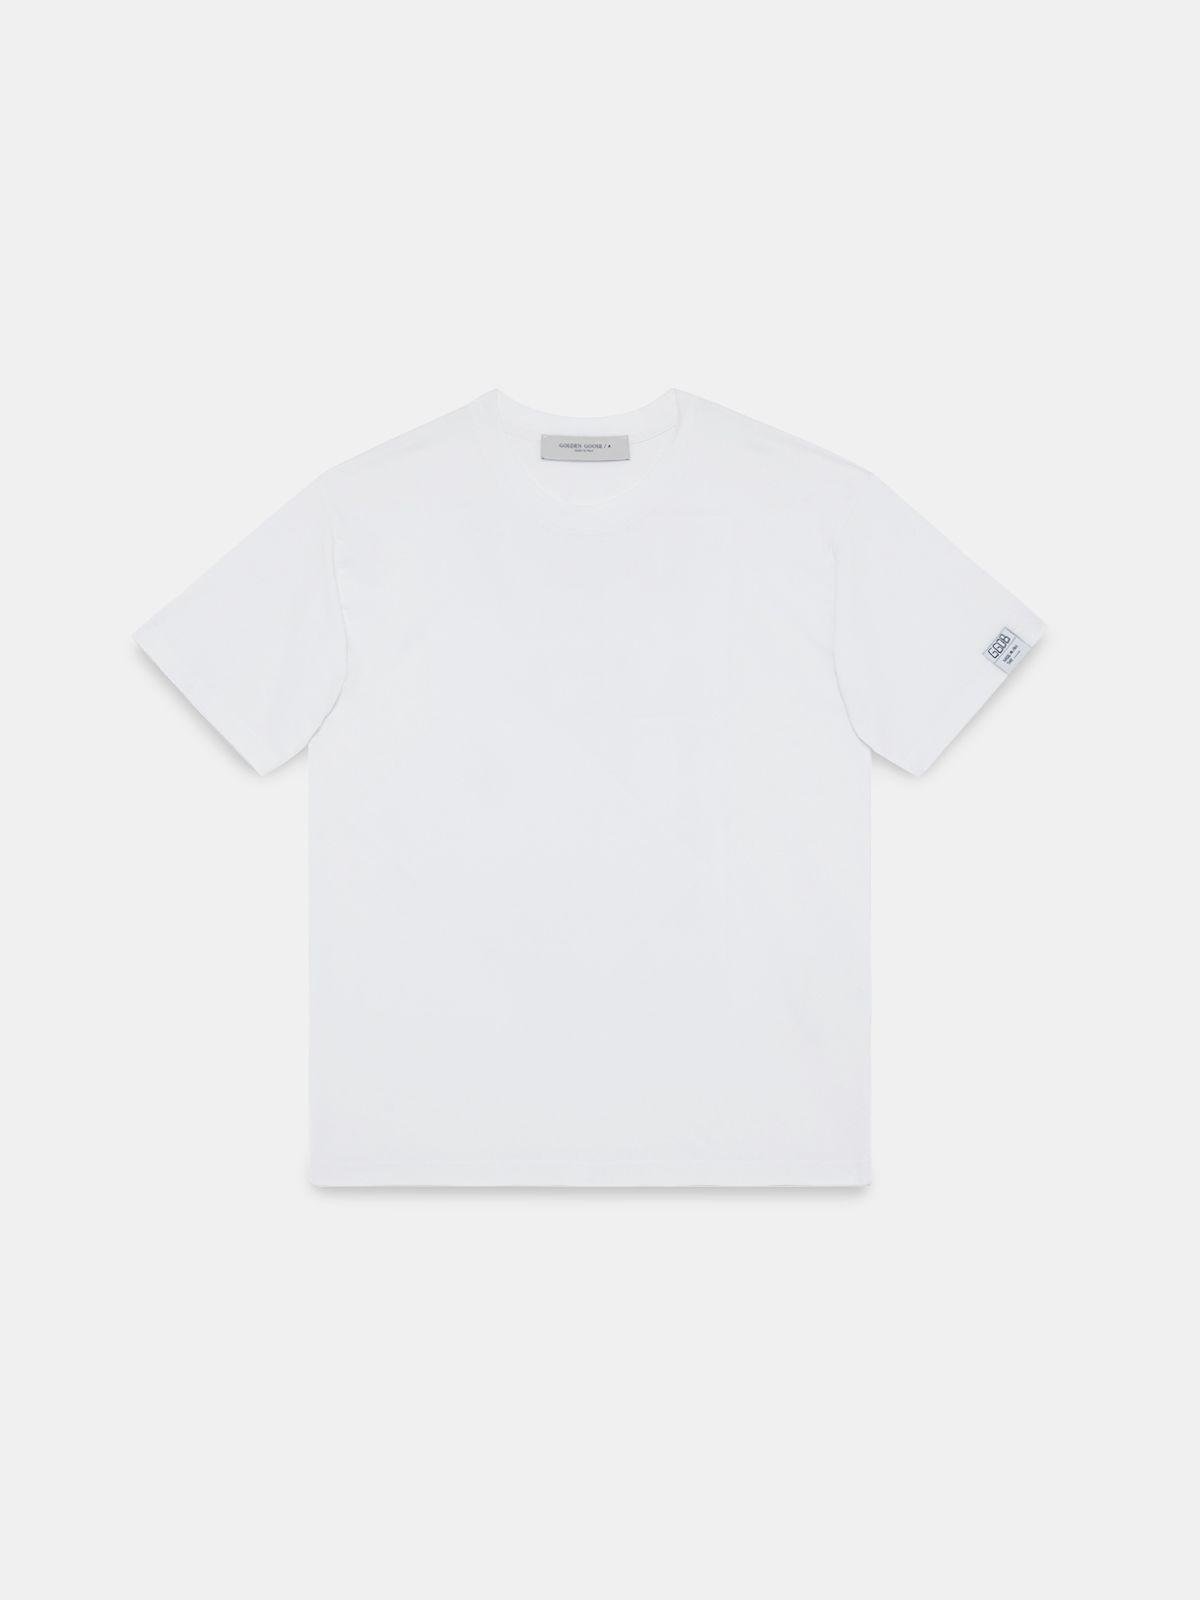 Golden Goose - T-shirt Artù bianca con stampa 'Remake' su retro in